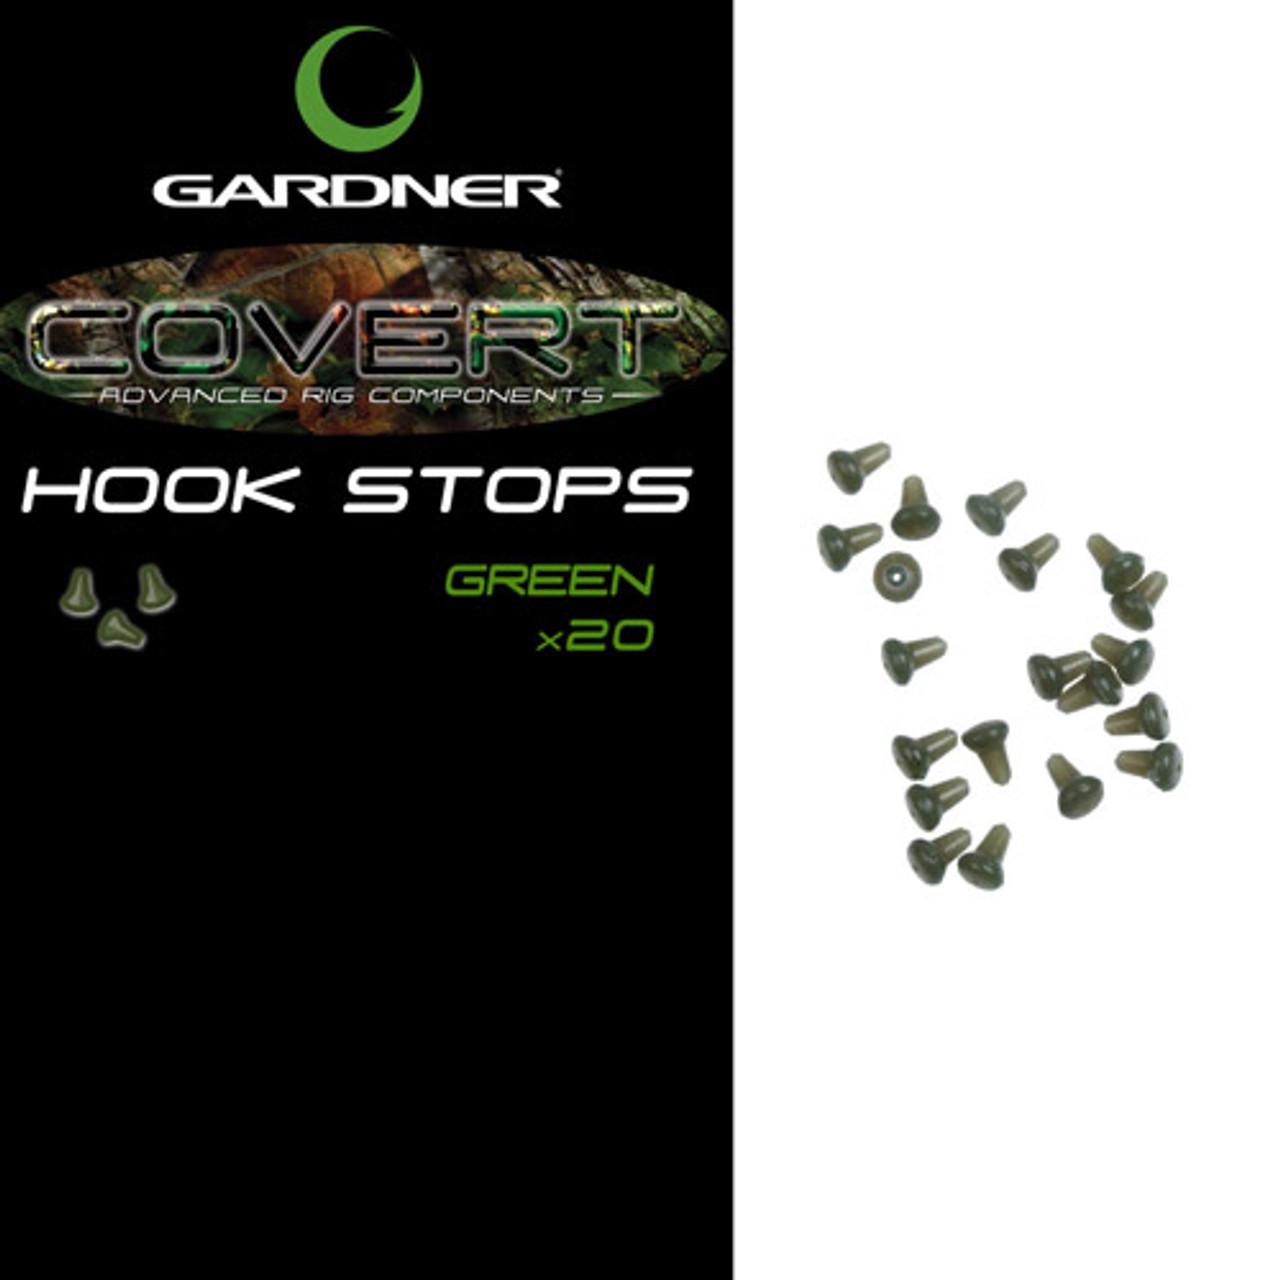 Gardner Covert Hook Stops